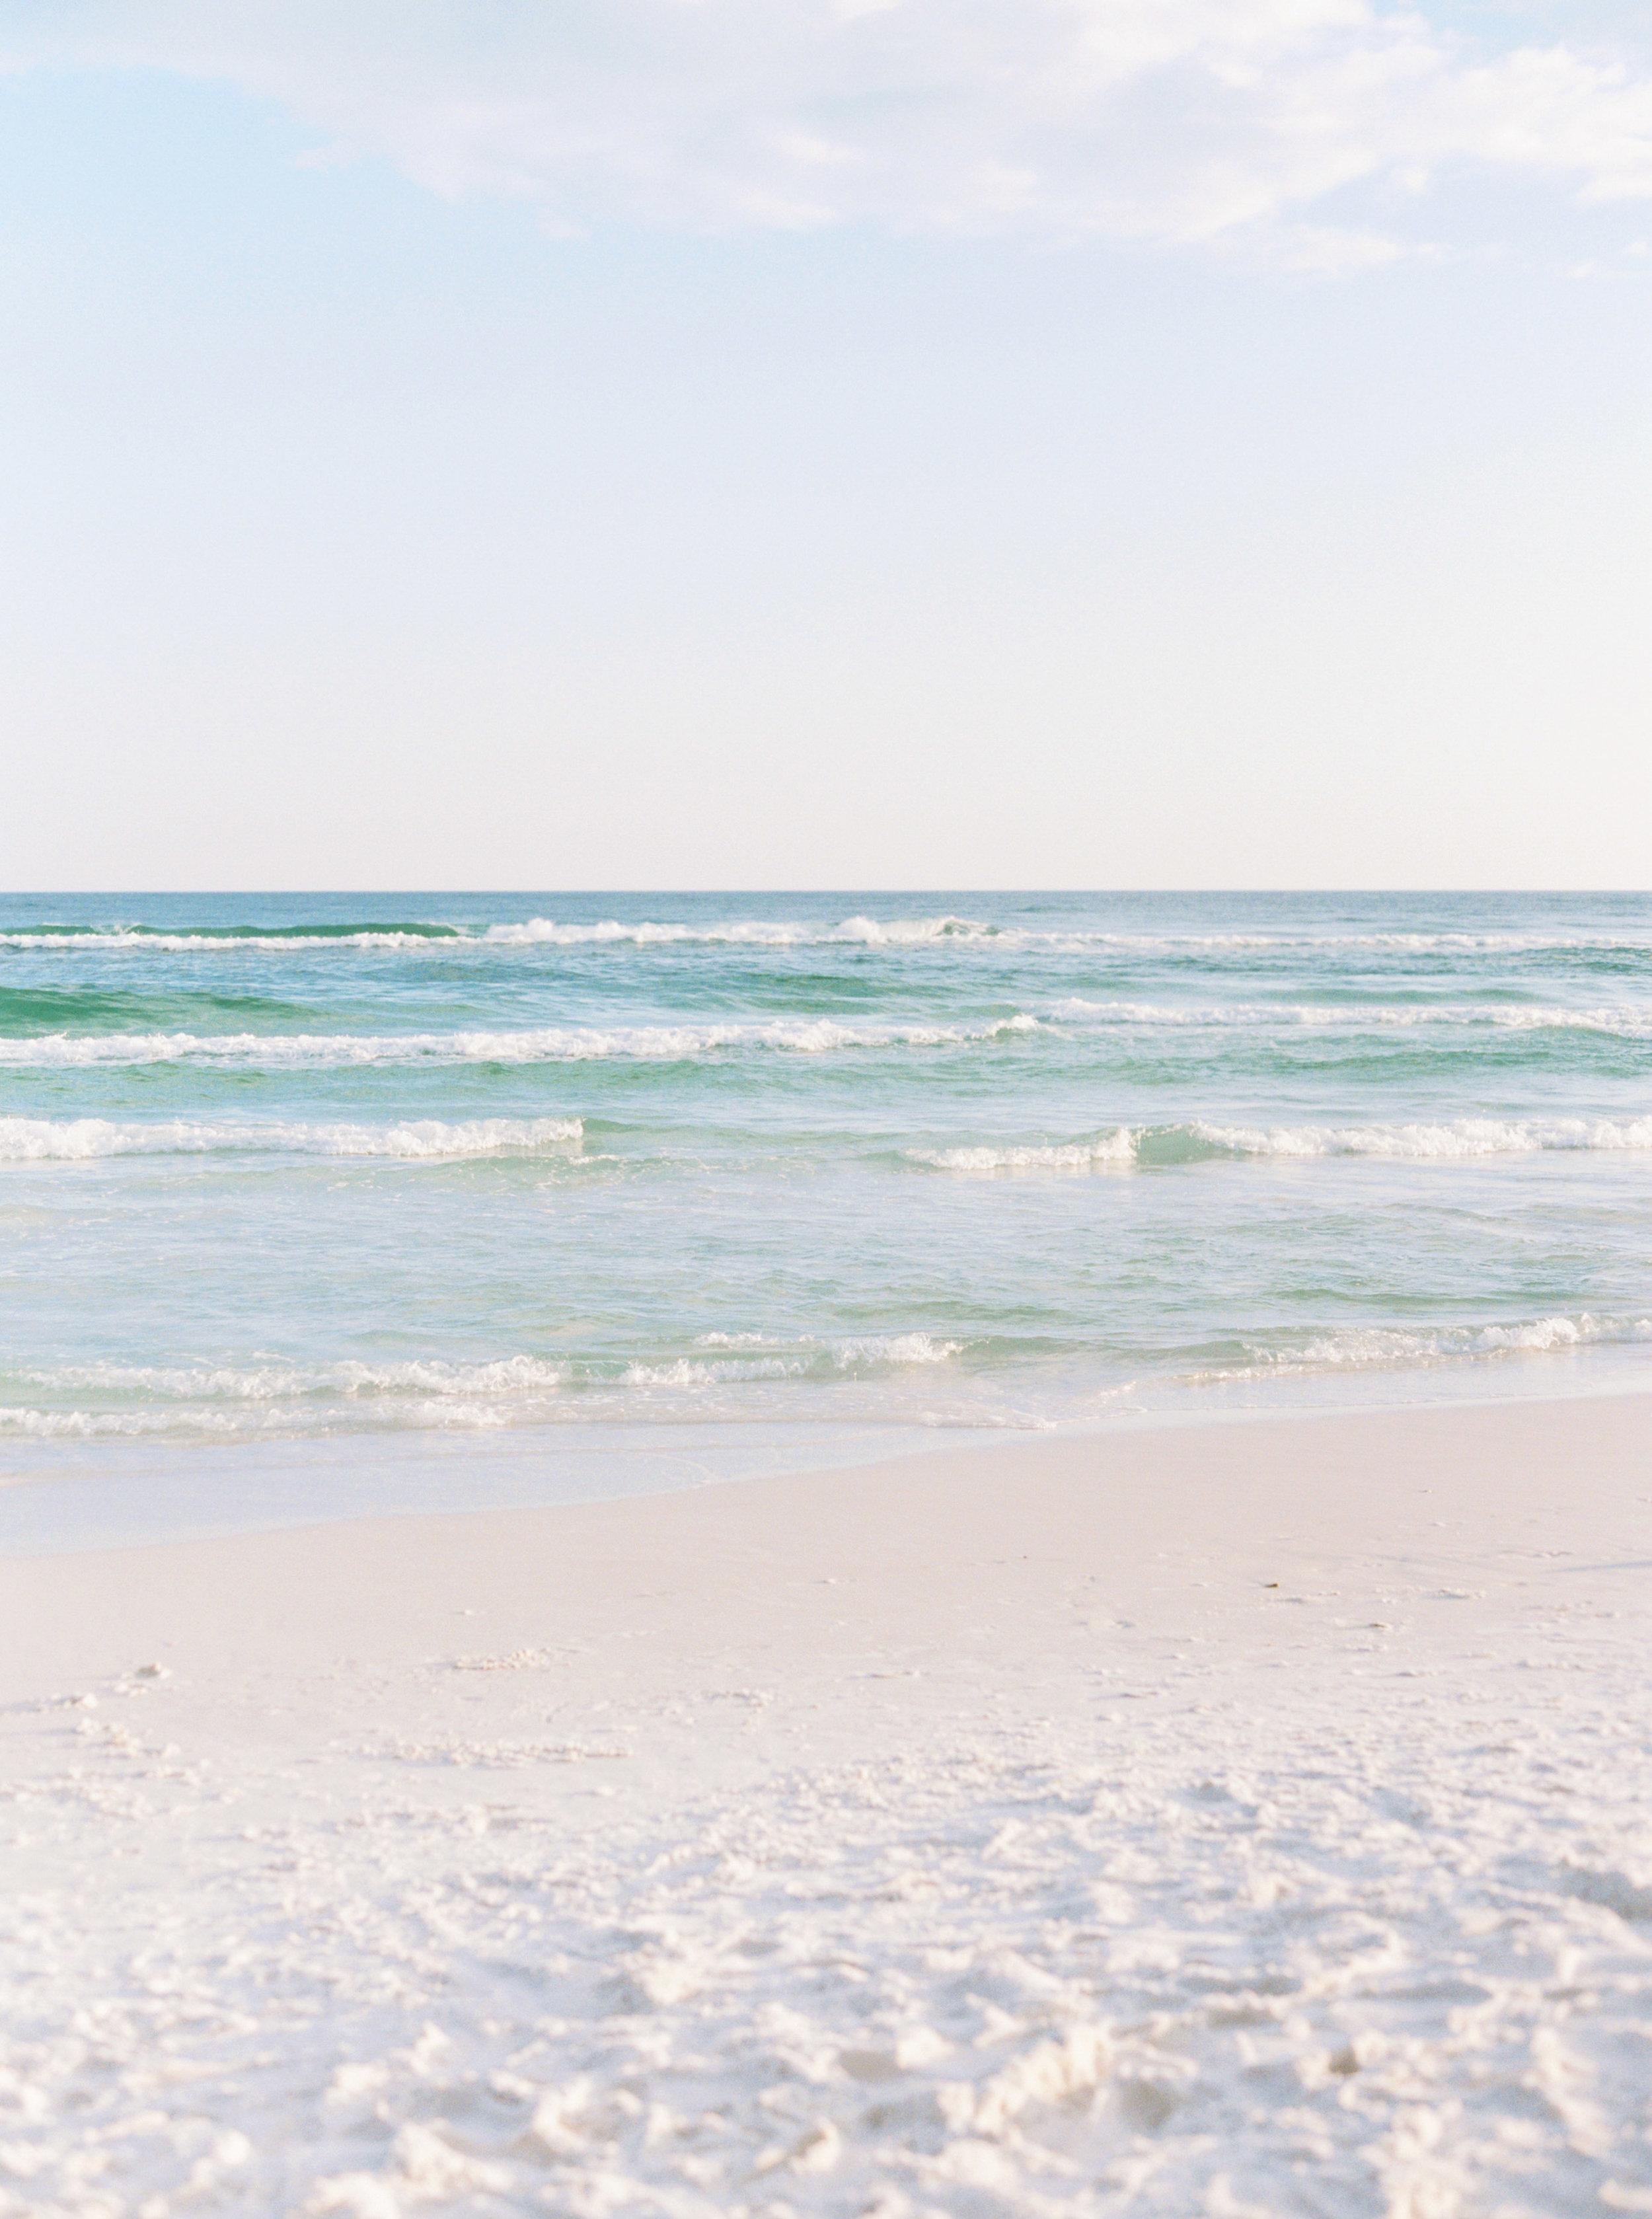 M. The Gulf Sea